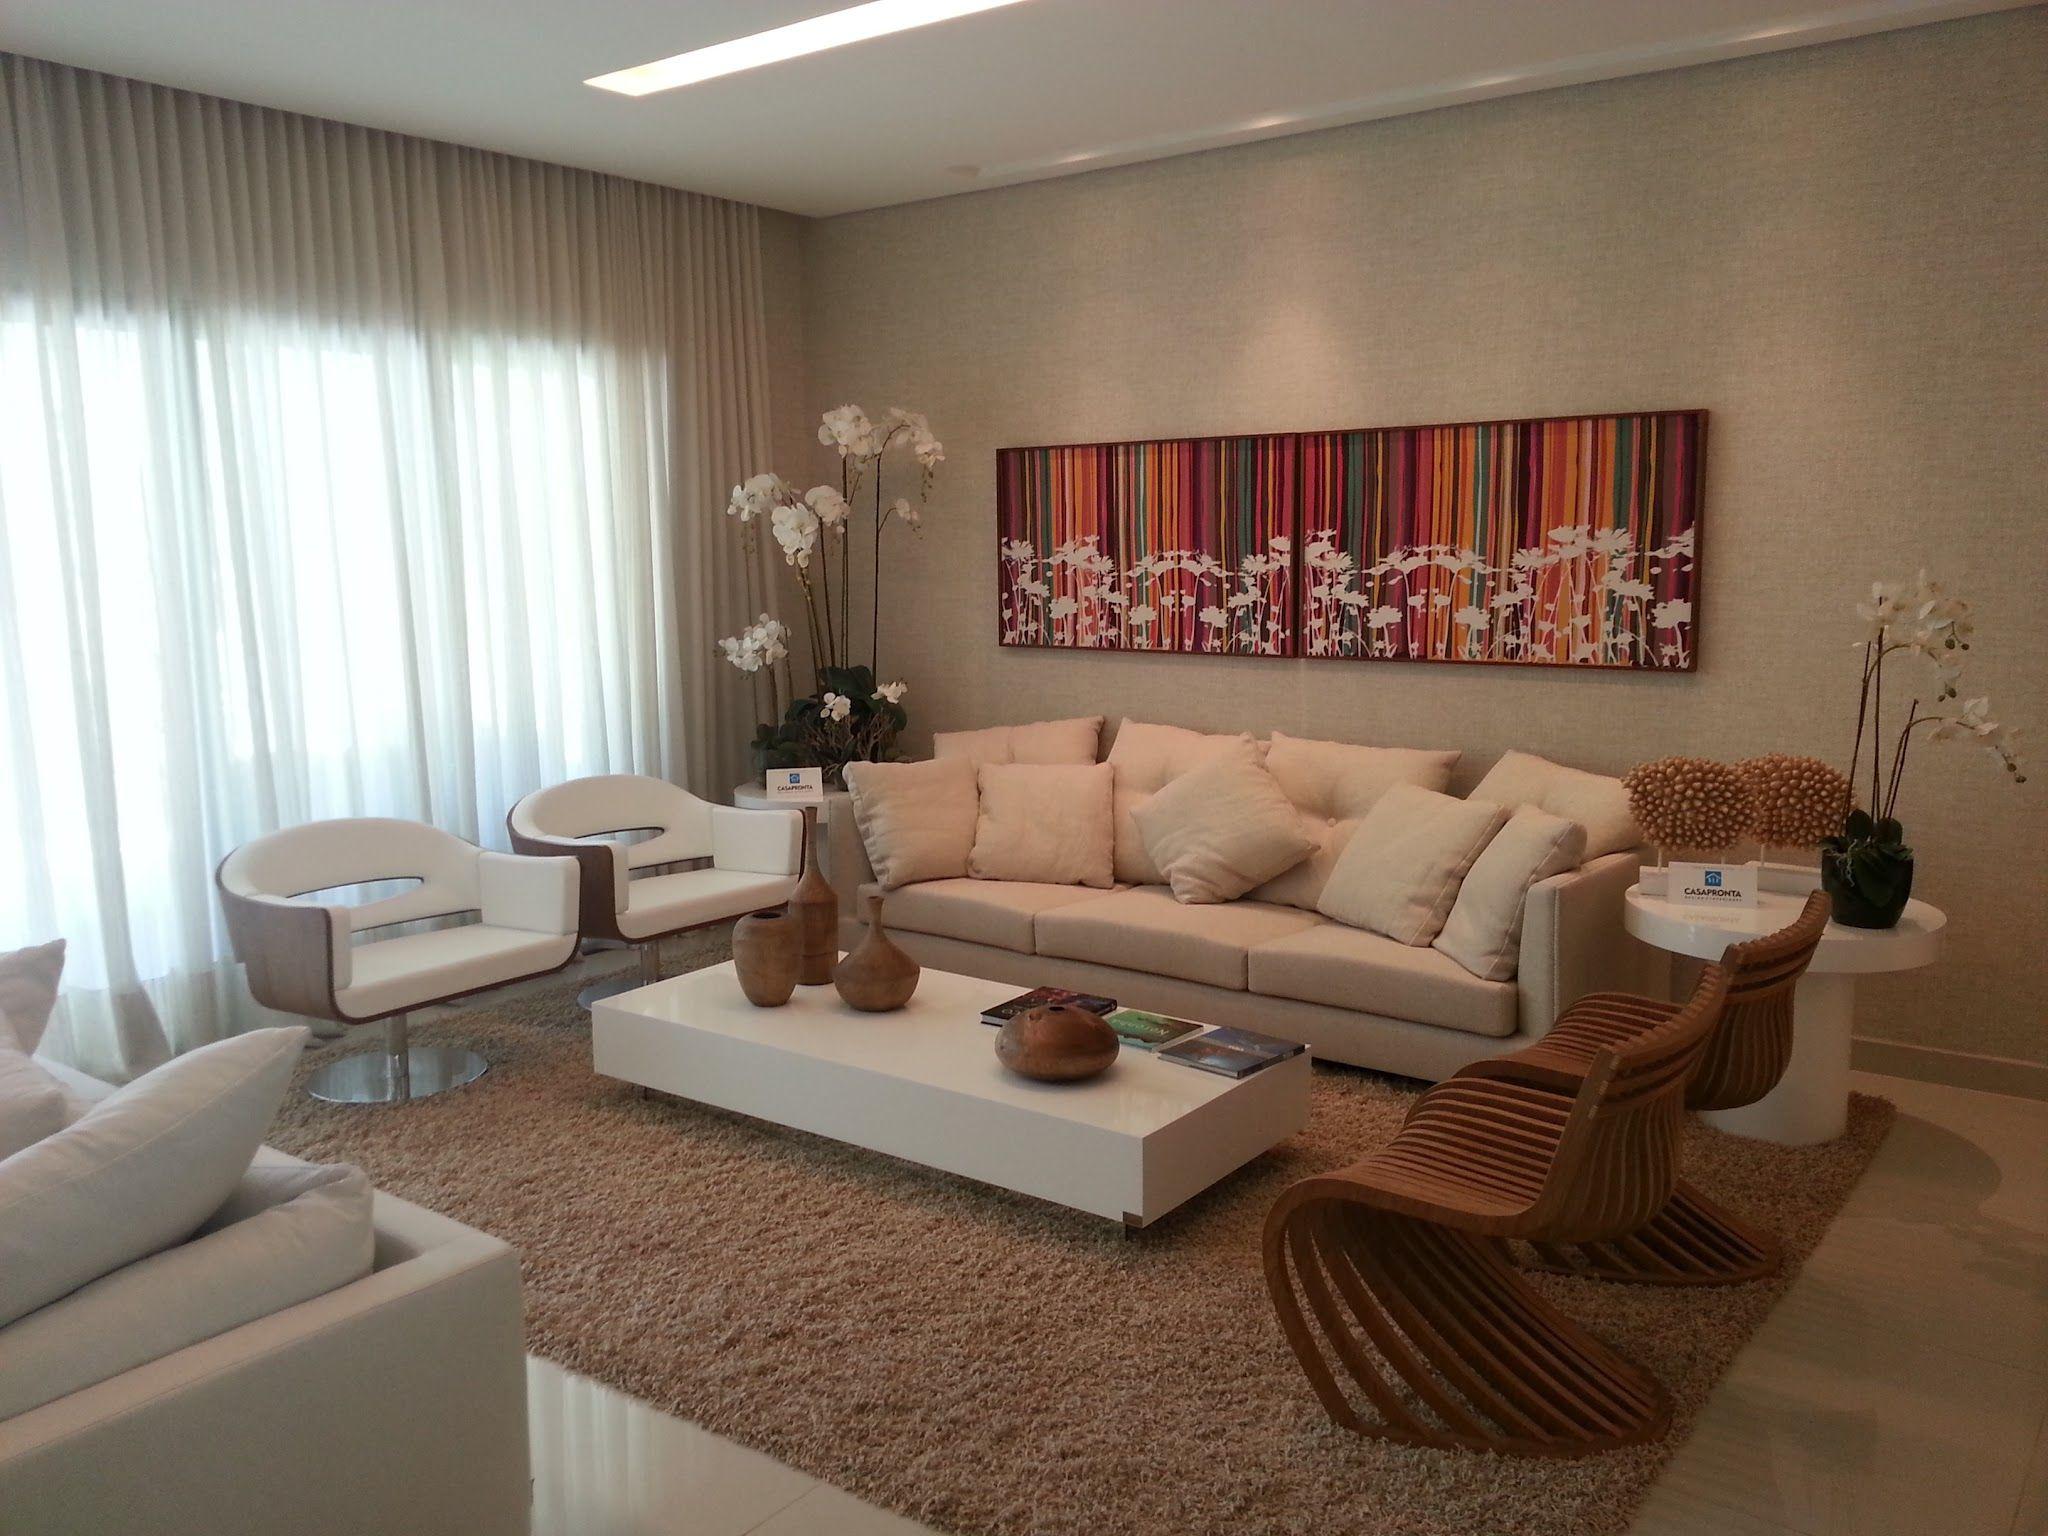 3 bhk wohndesign apartamento decorado imobiliária eduardo feitosa  decoração